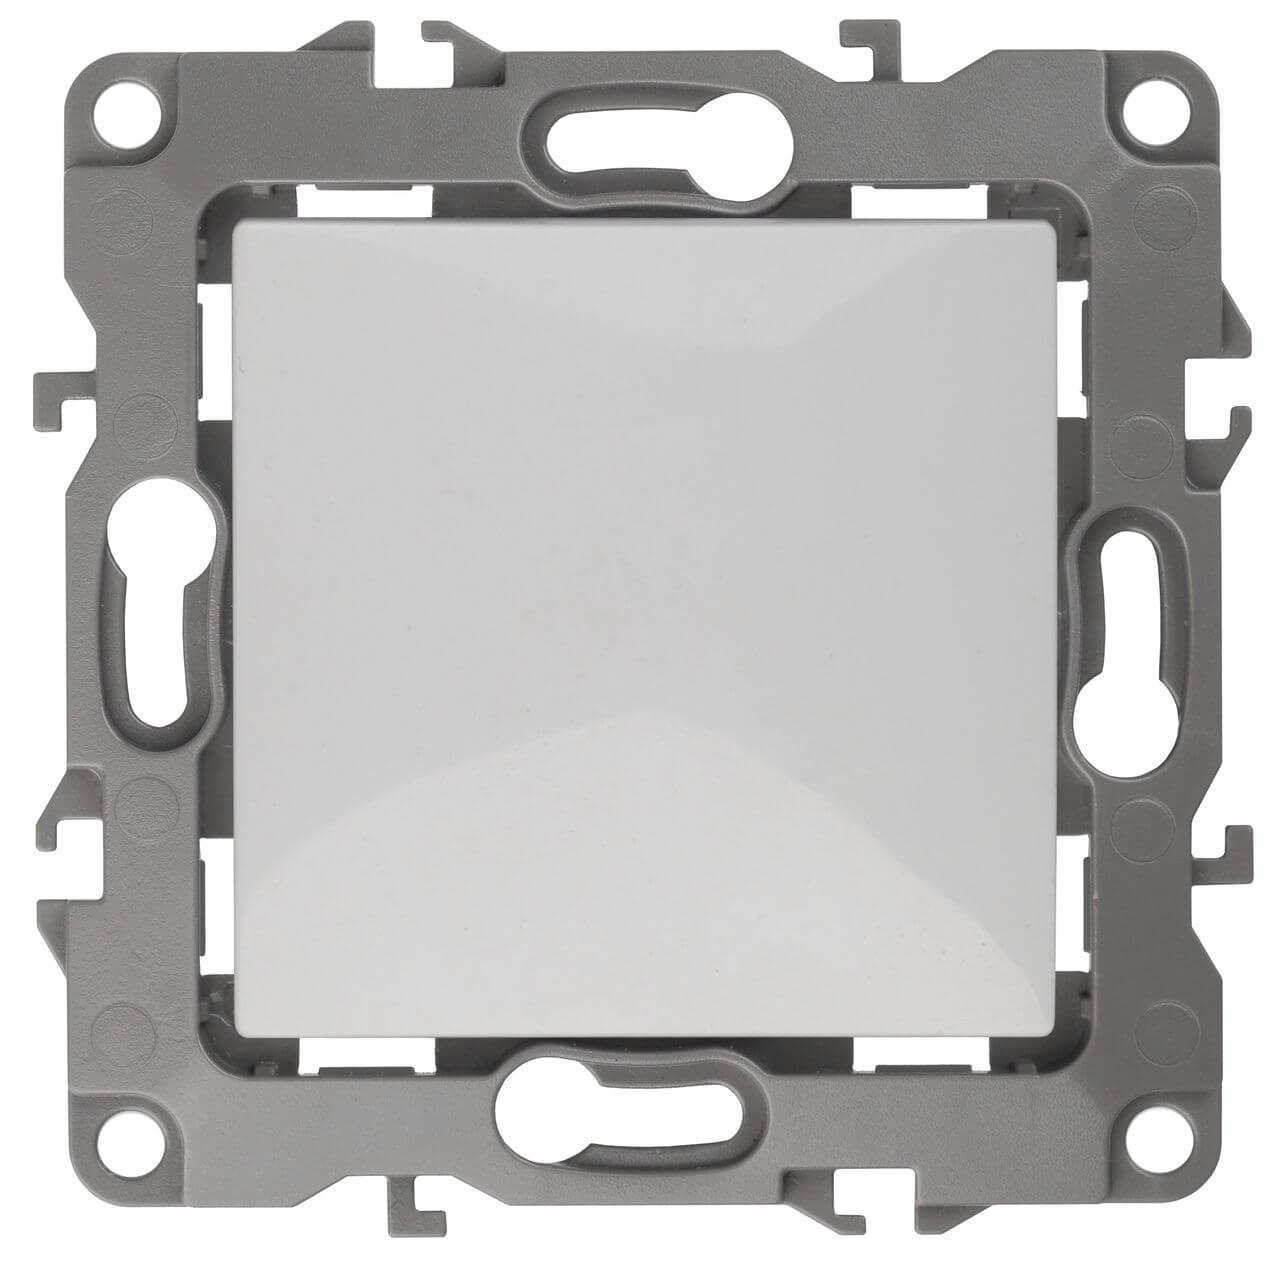 Выключатель одноклавишный ЭРА 12 10AX 250V Al Cu 12А-1001-01 hp 12а black q2612af